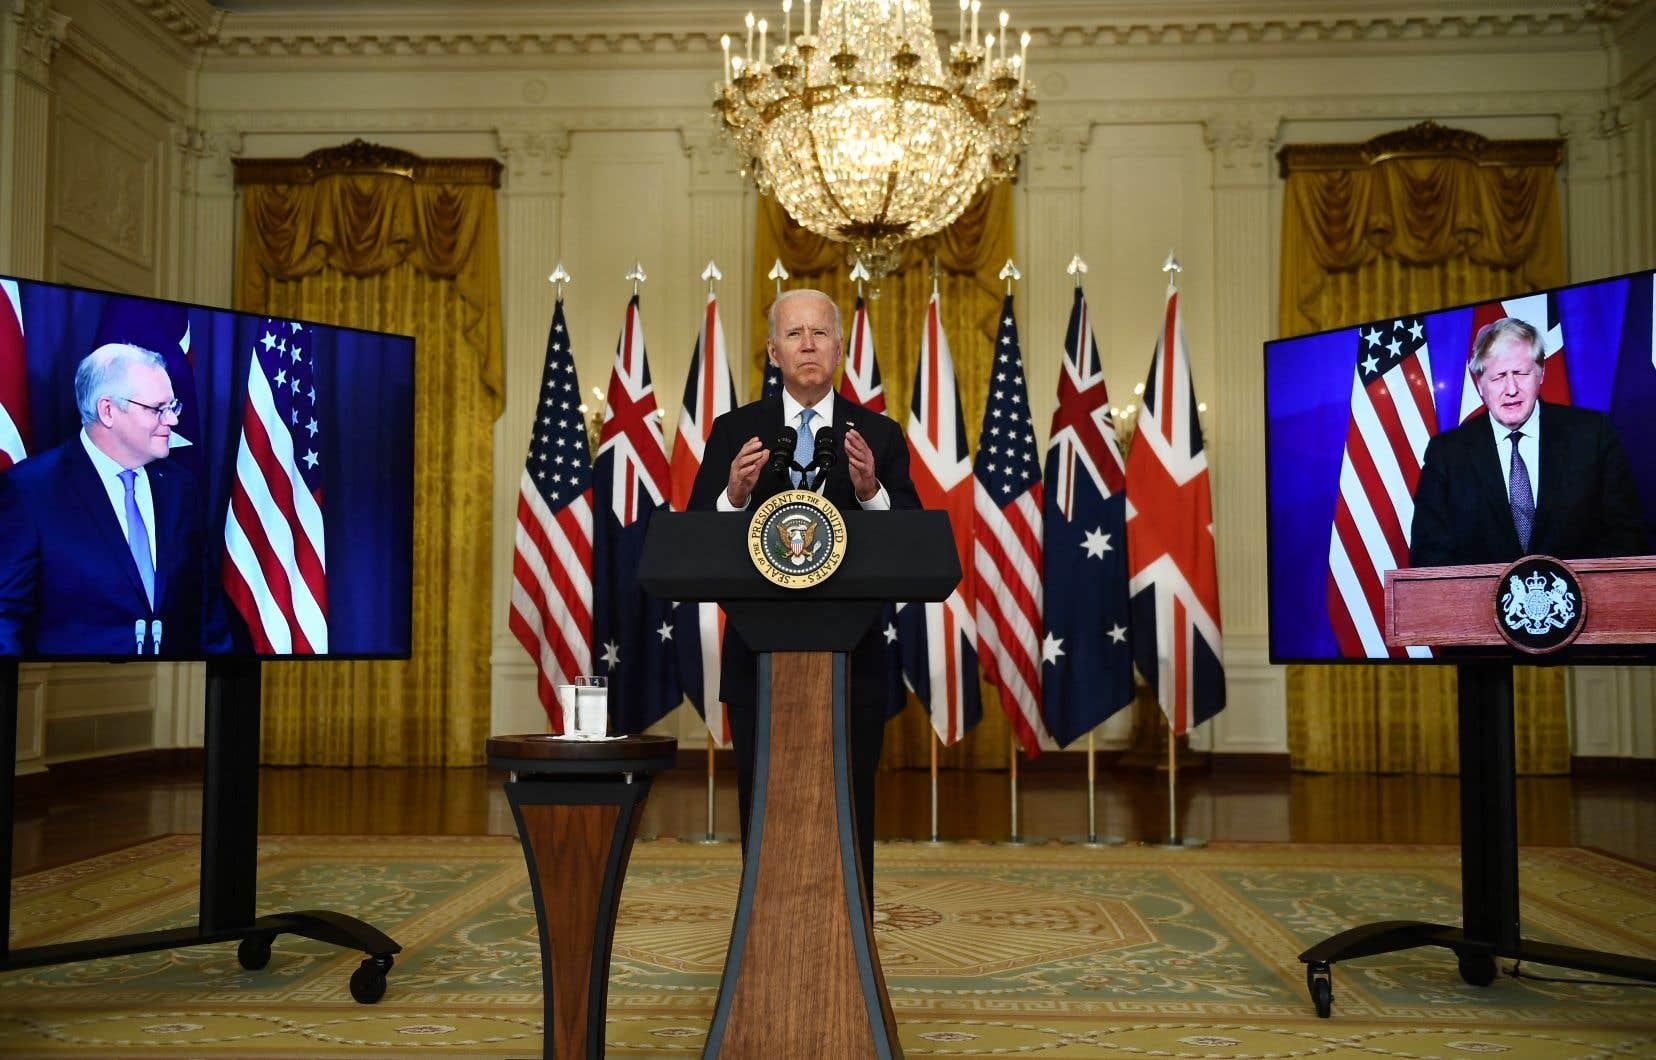 Le partenariat stratégique entre les États-Unis, le Royaume-uni et l'Australie, annoncé mercredi soir,inclutla fourniture de sous-marins américains à propulsion nucléaire à Canberra, qui devaient initialement être fournis par la France.